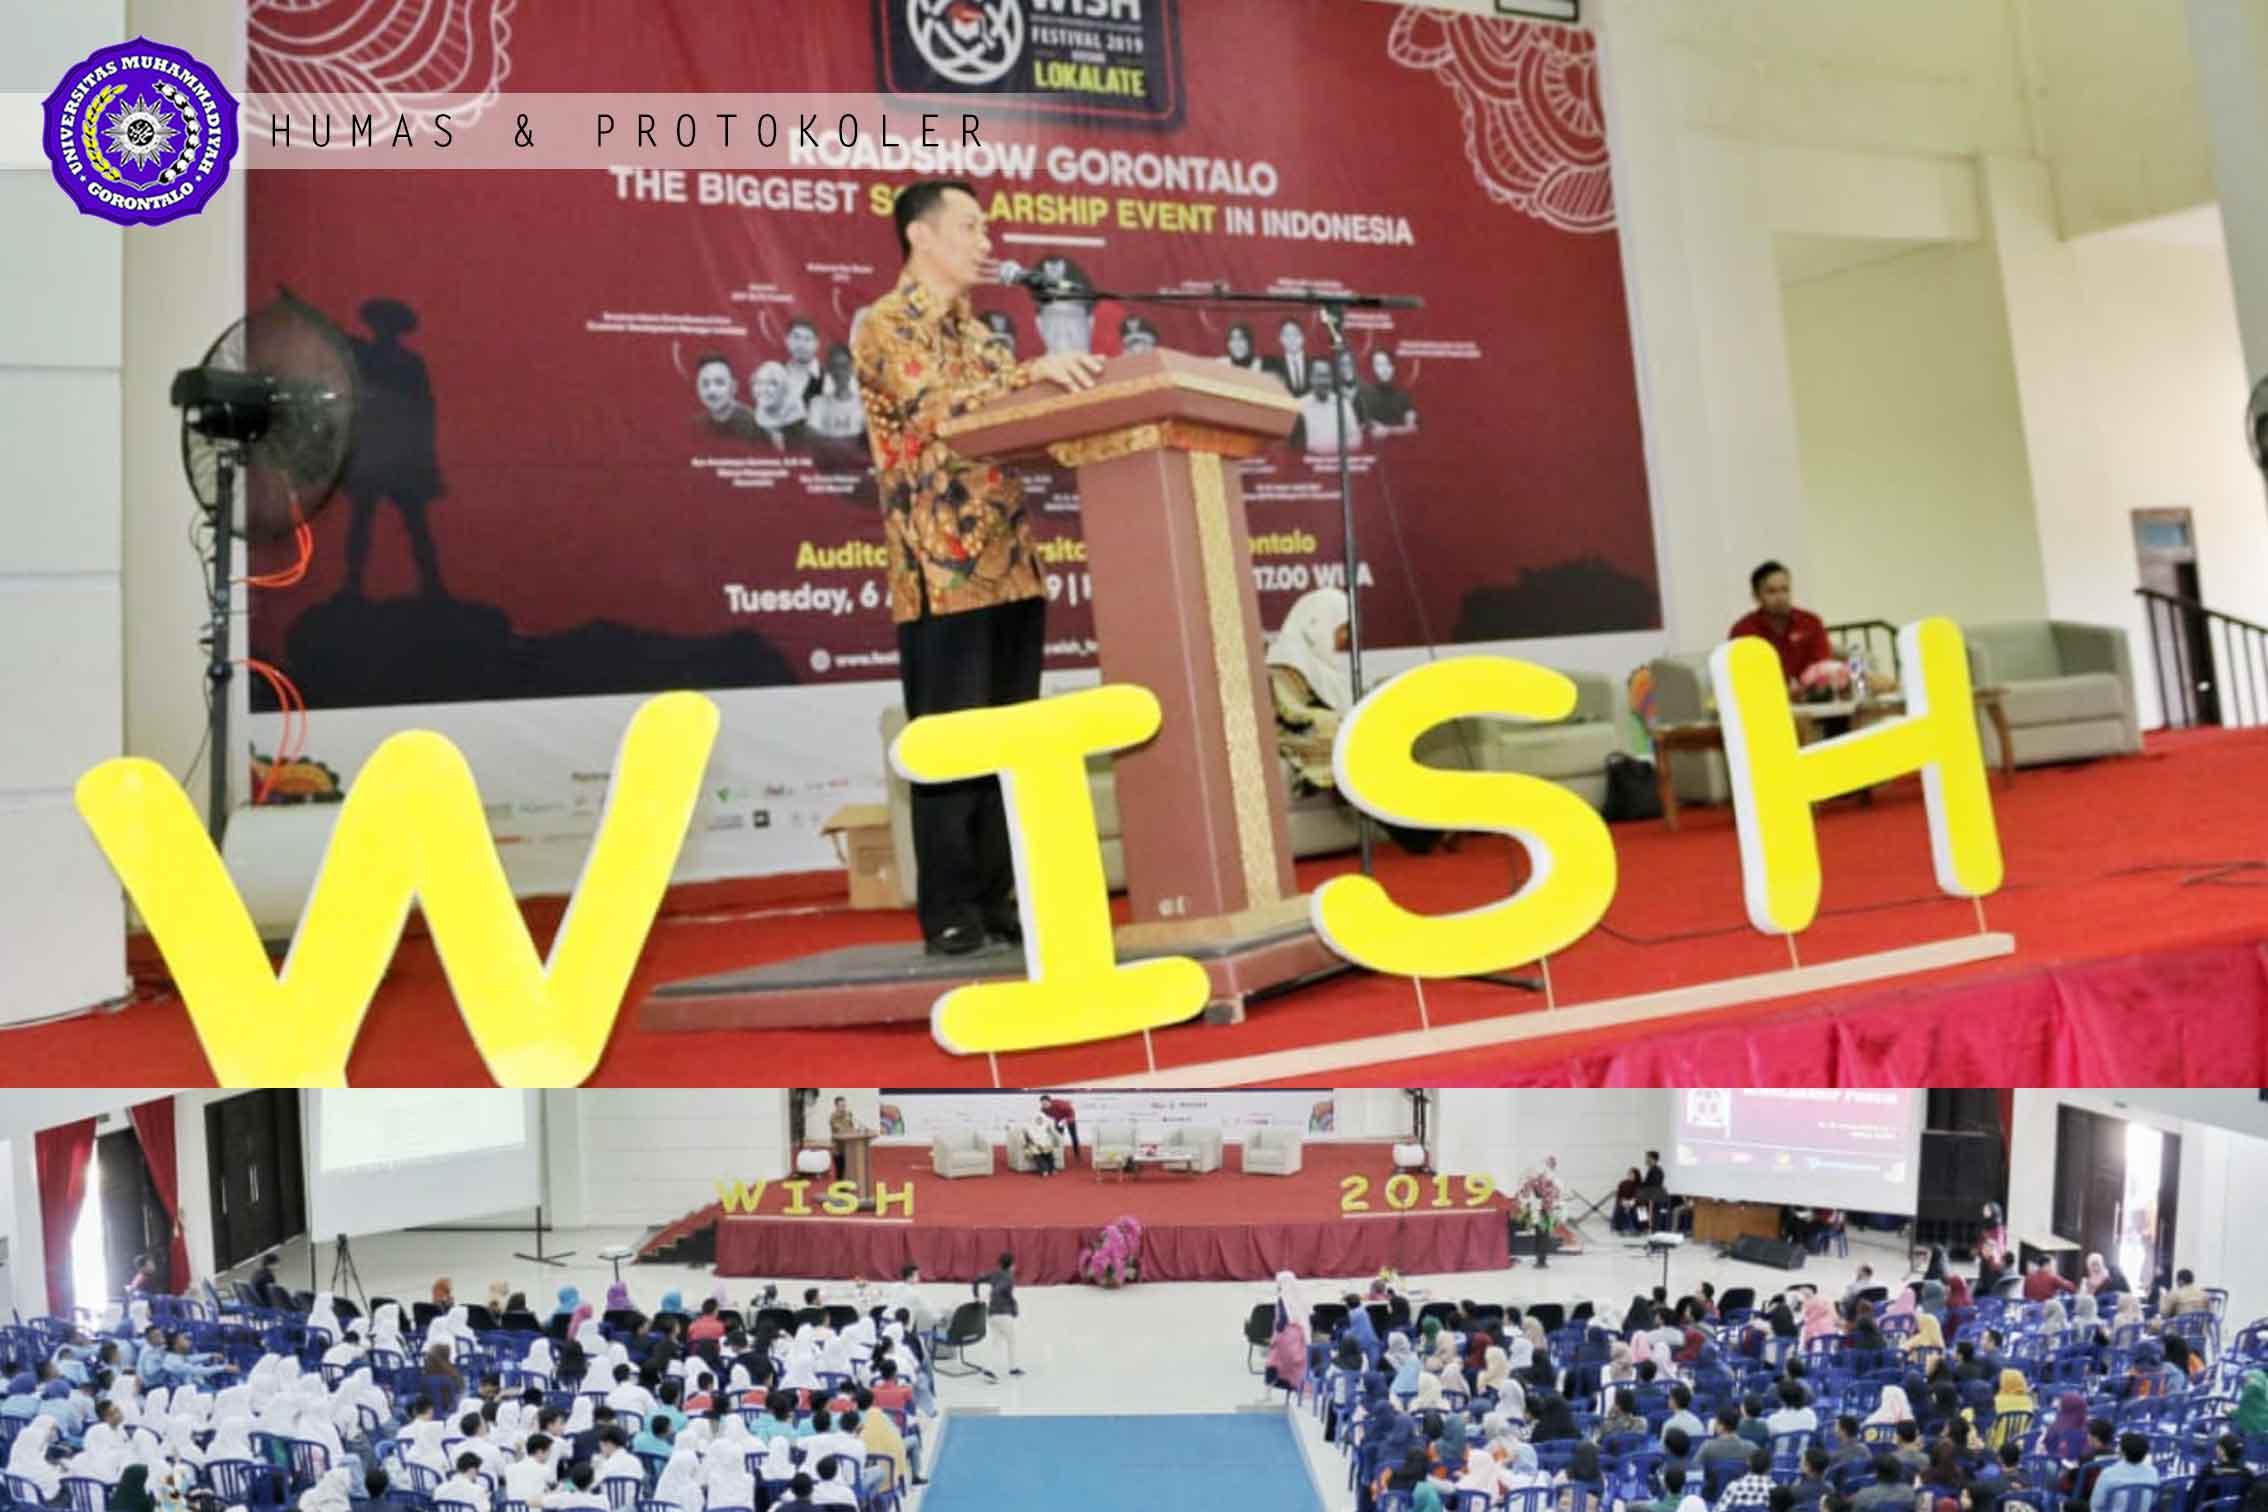 Rektor Jadi Pembicara di Festival WISH 2019, Booth Pameran Dikerumuni Pelajar